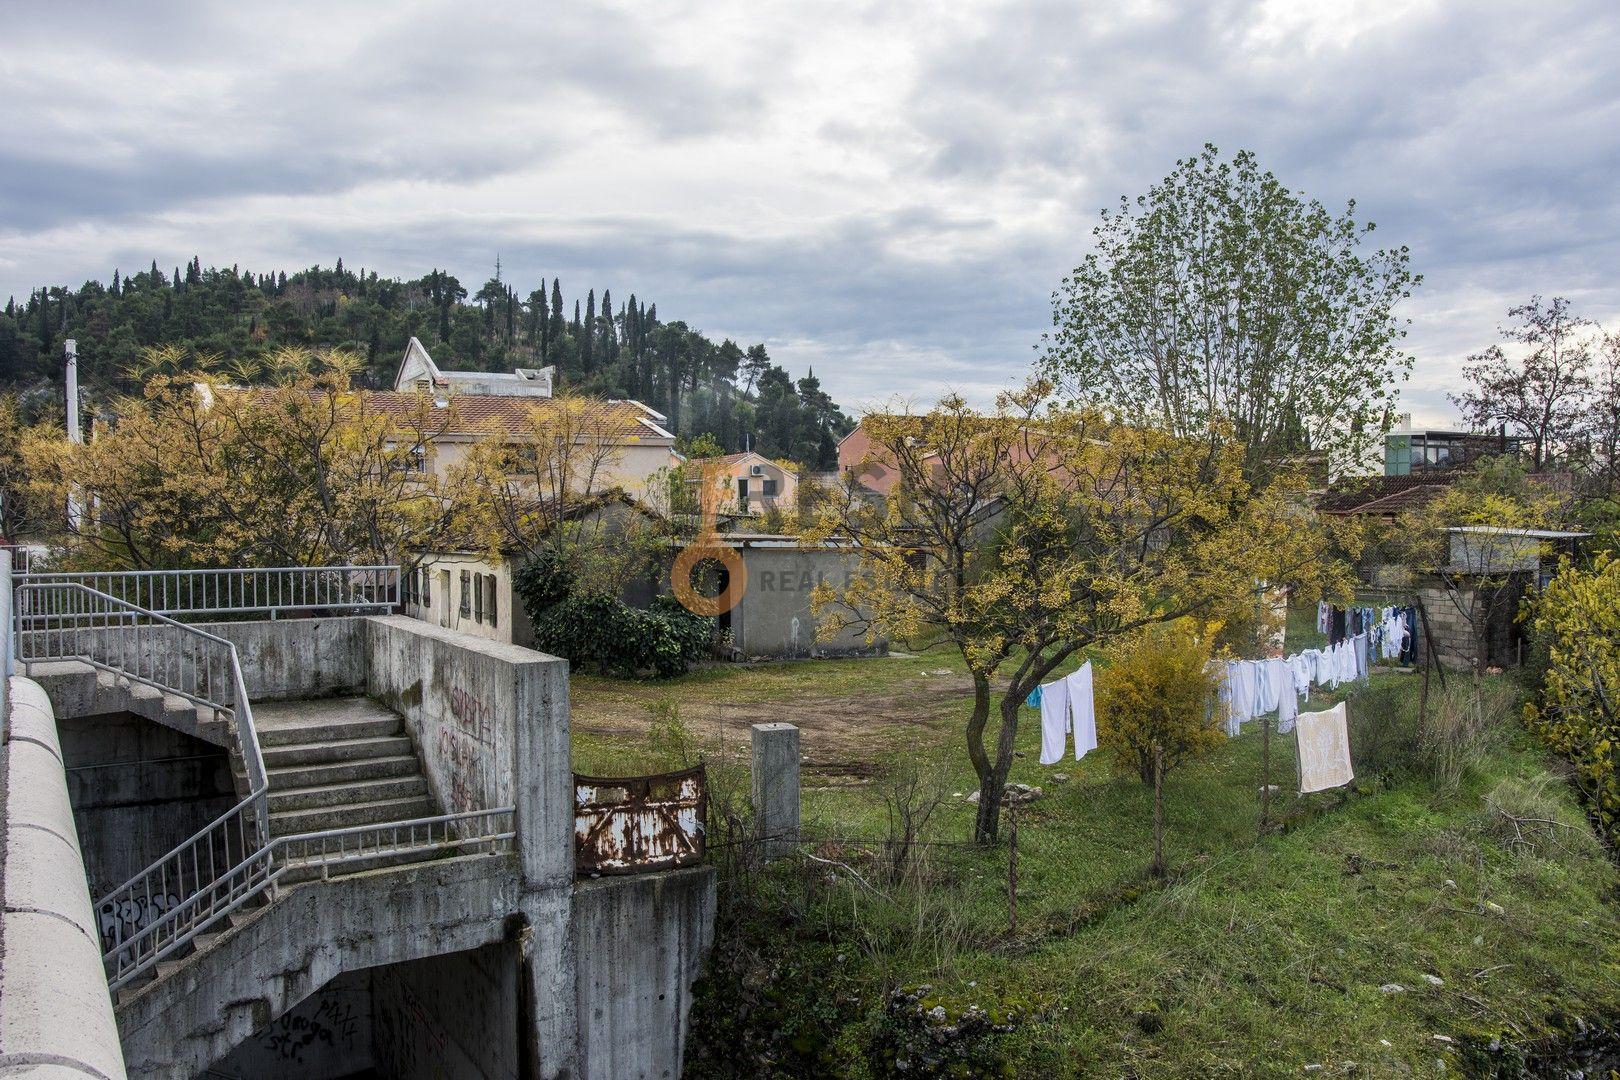 Kuća, 86 m2 na placu od 815 m2, Obala Morače, Prodaja - 7